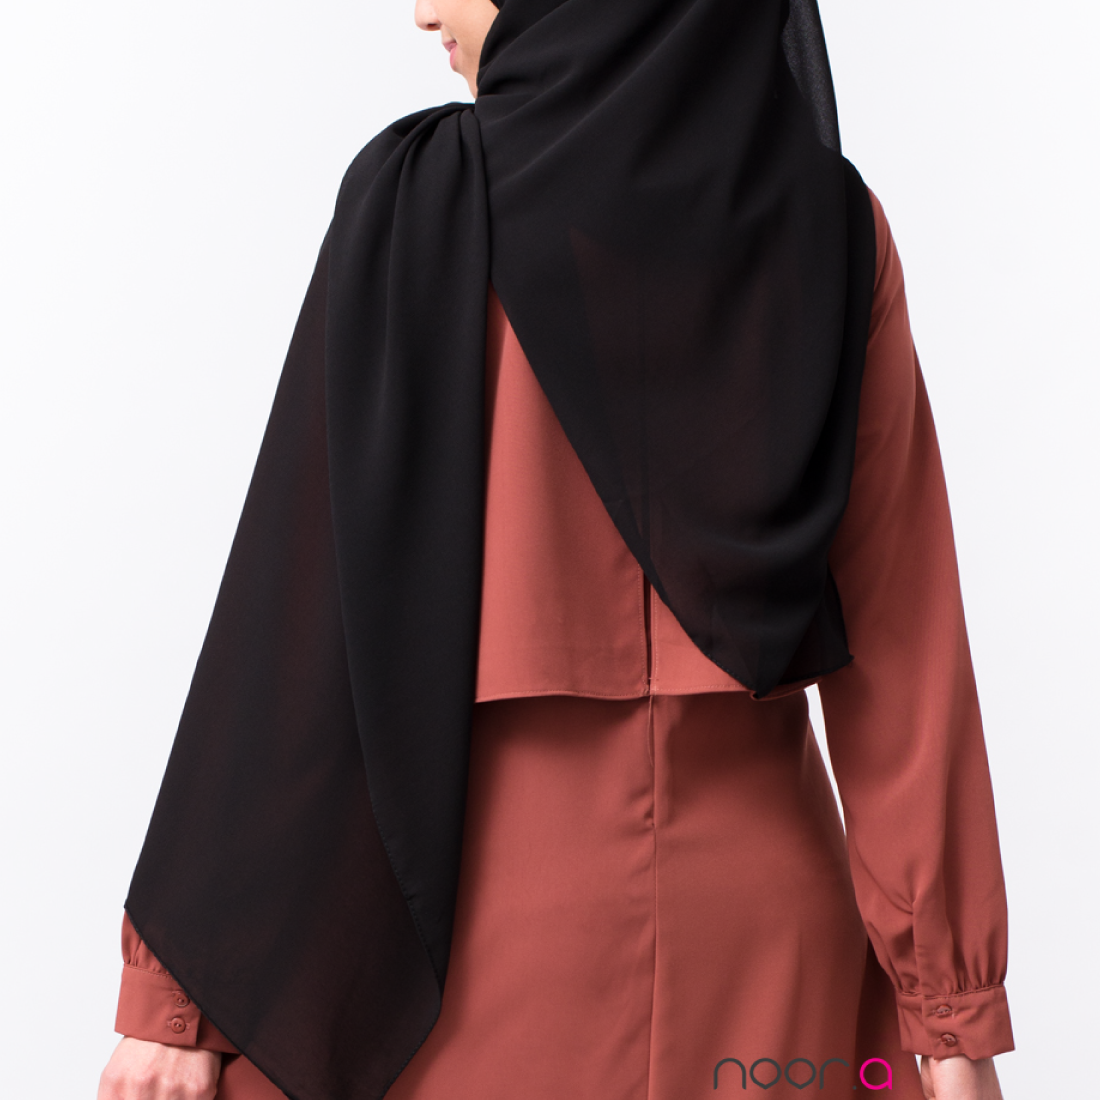 hijab_mousseline_noir